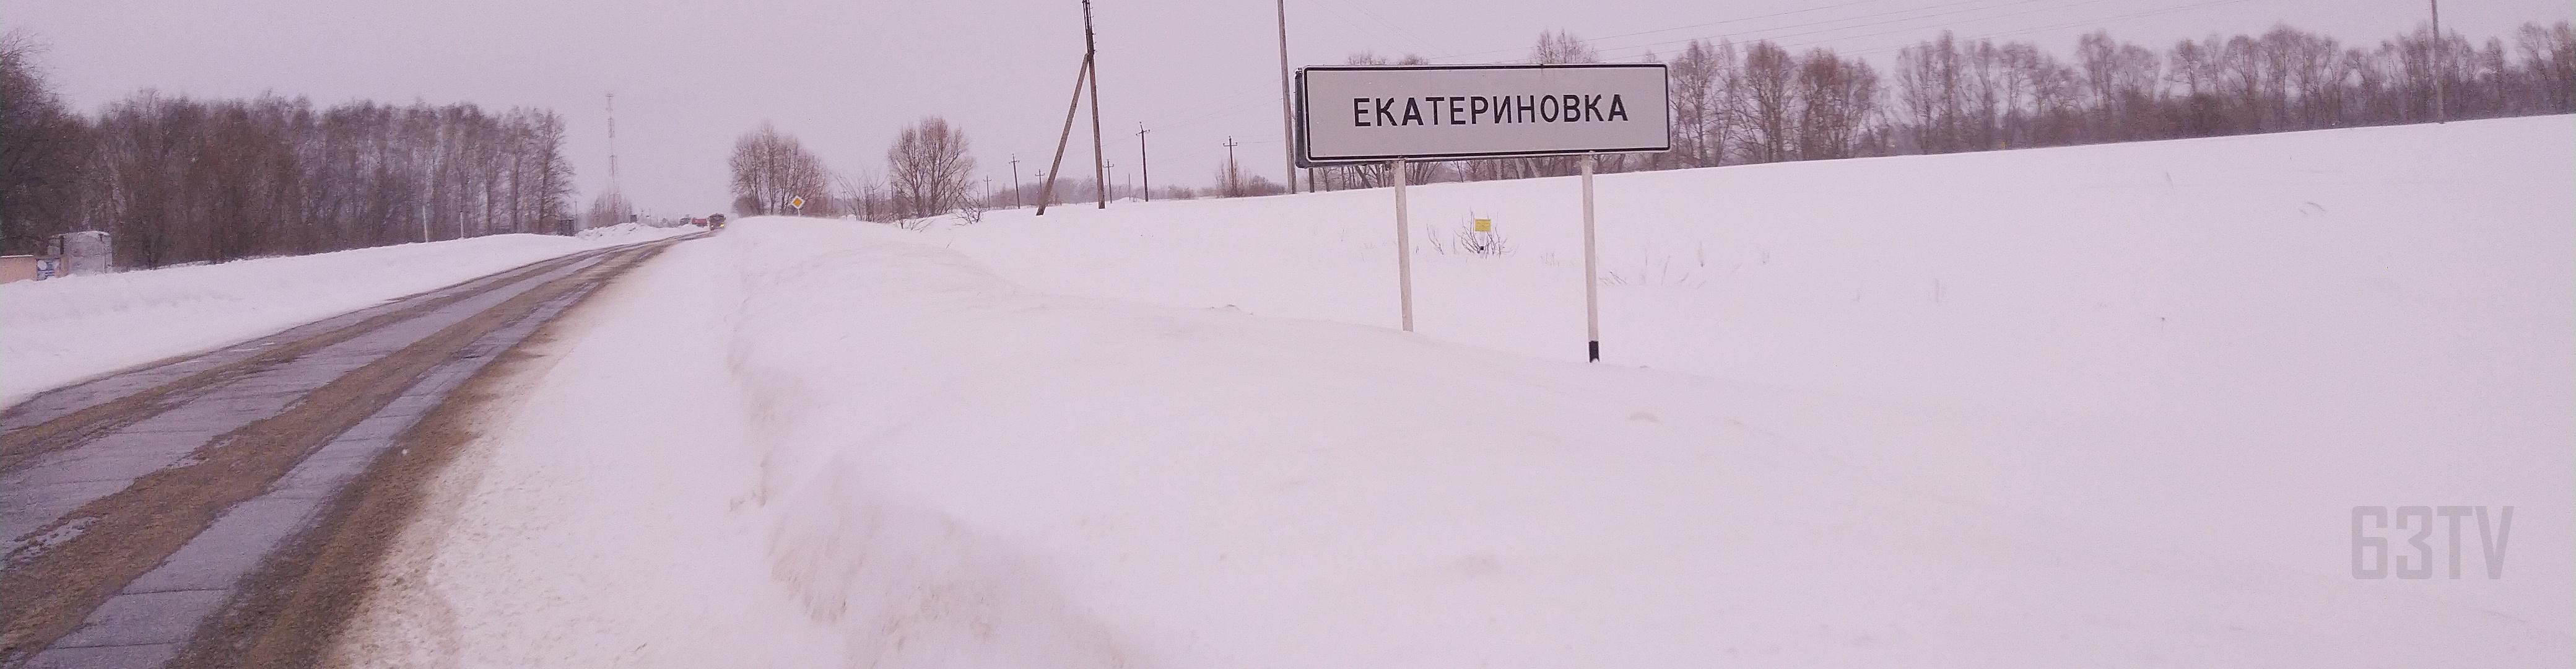 Екатериновка